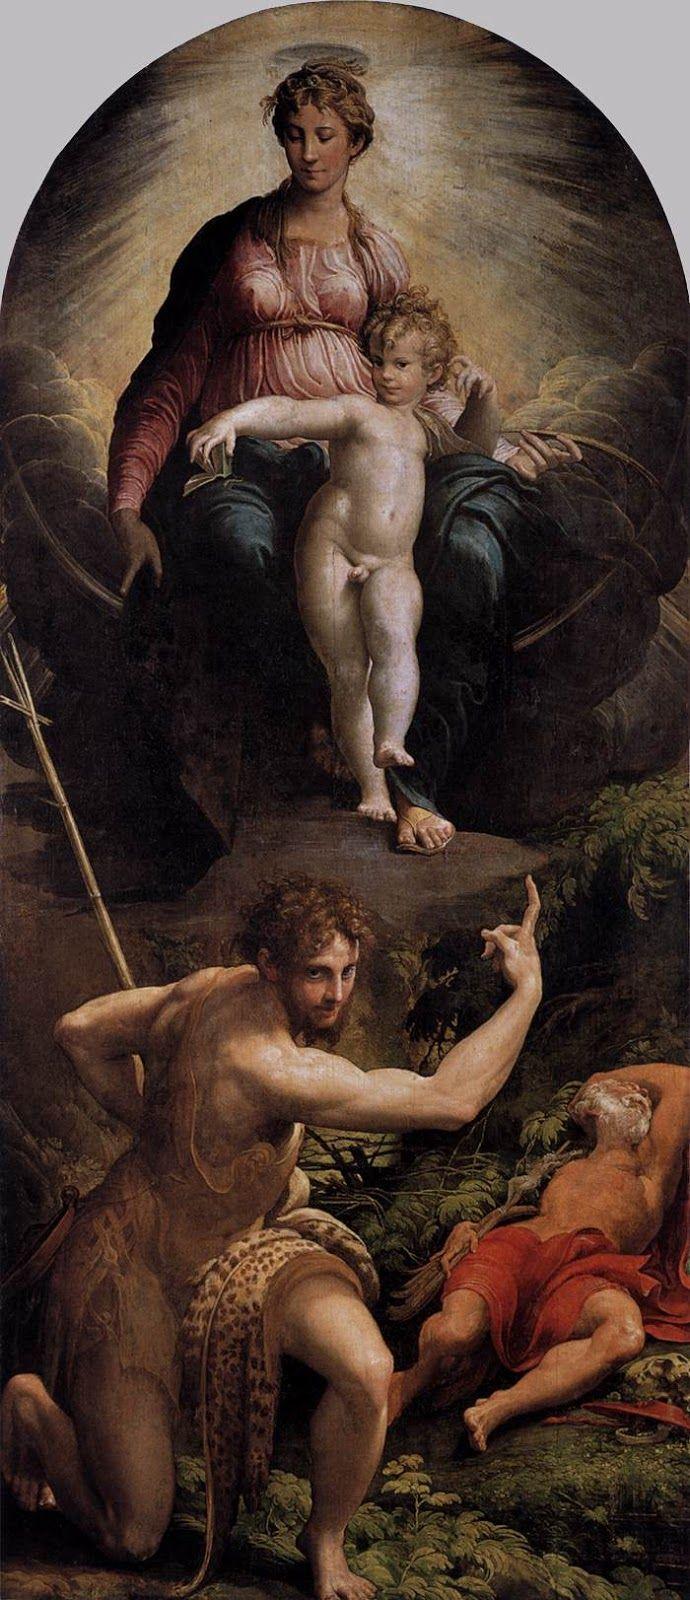 Το όραμα του Αγίου Ιερώνυμου (1527)